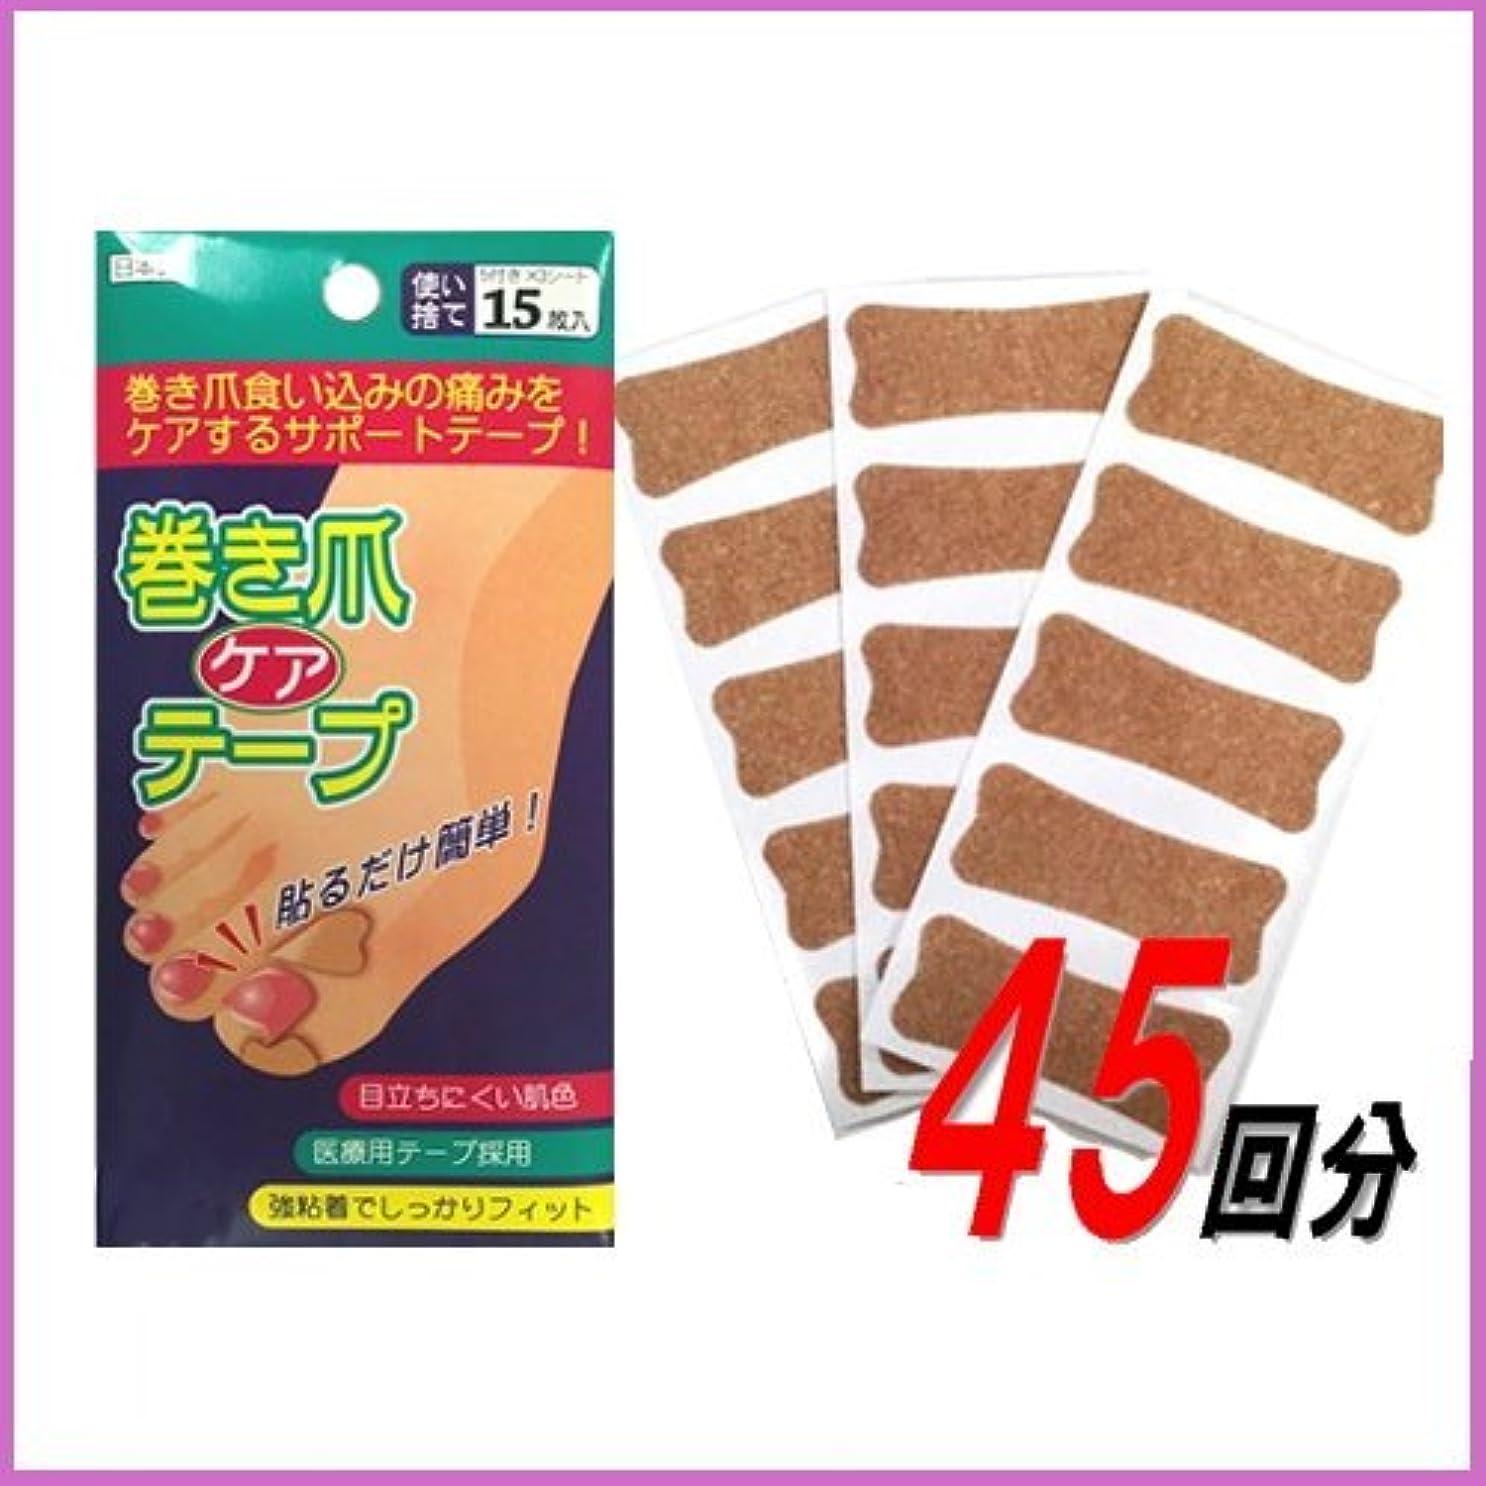 囲む真似る血まみれ巻き爪 テープ 3個セット ブロック ケア テーピング 日本製